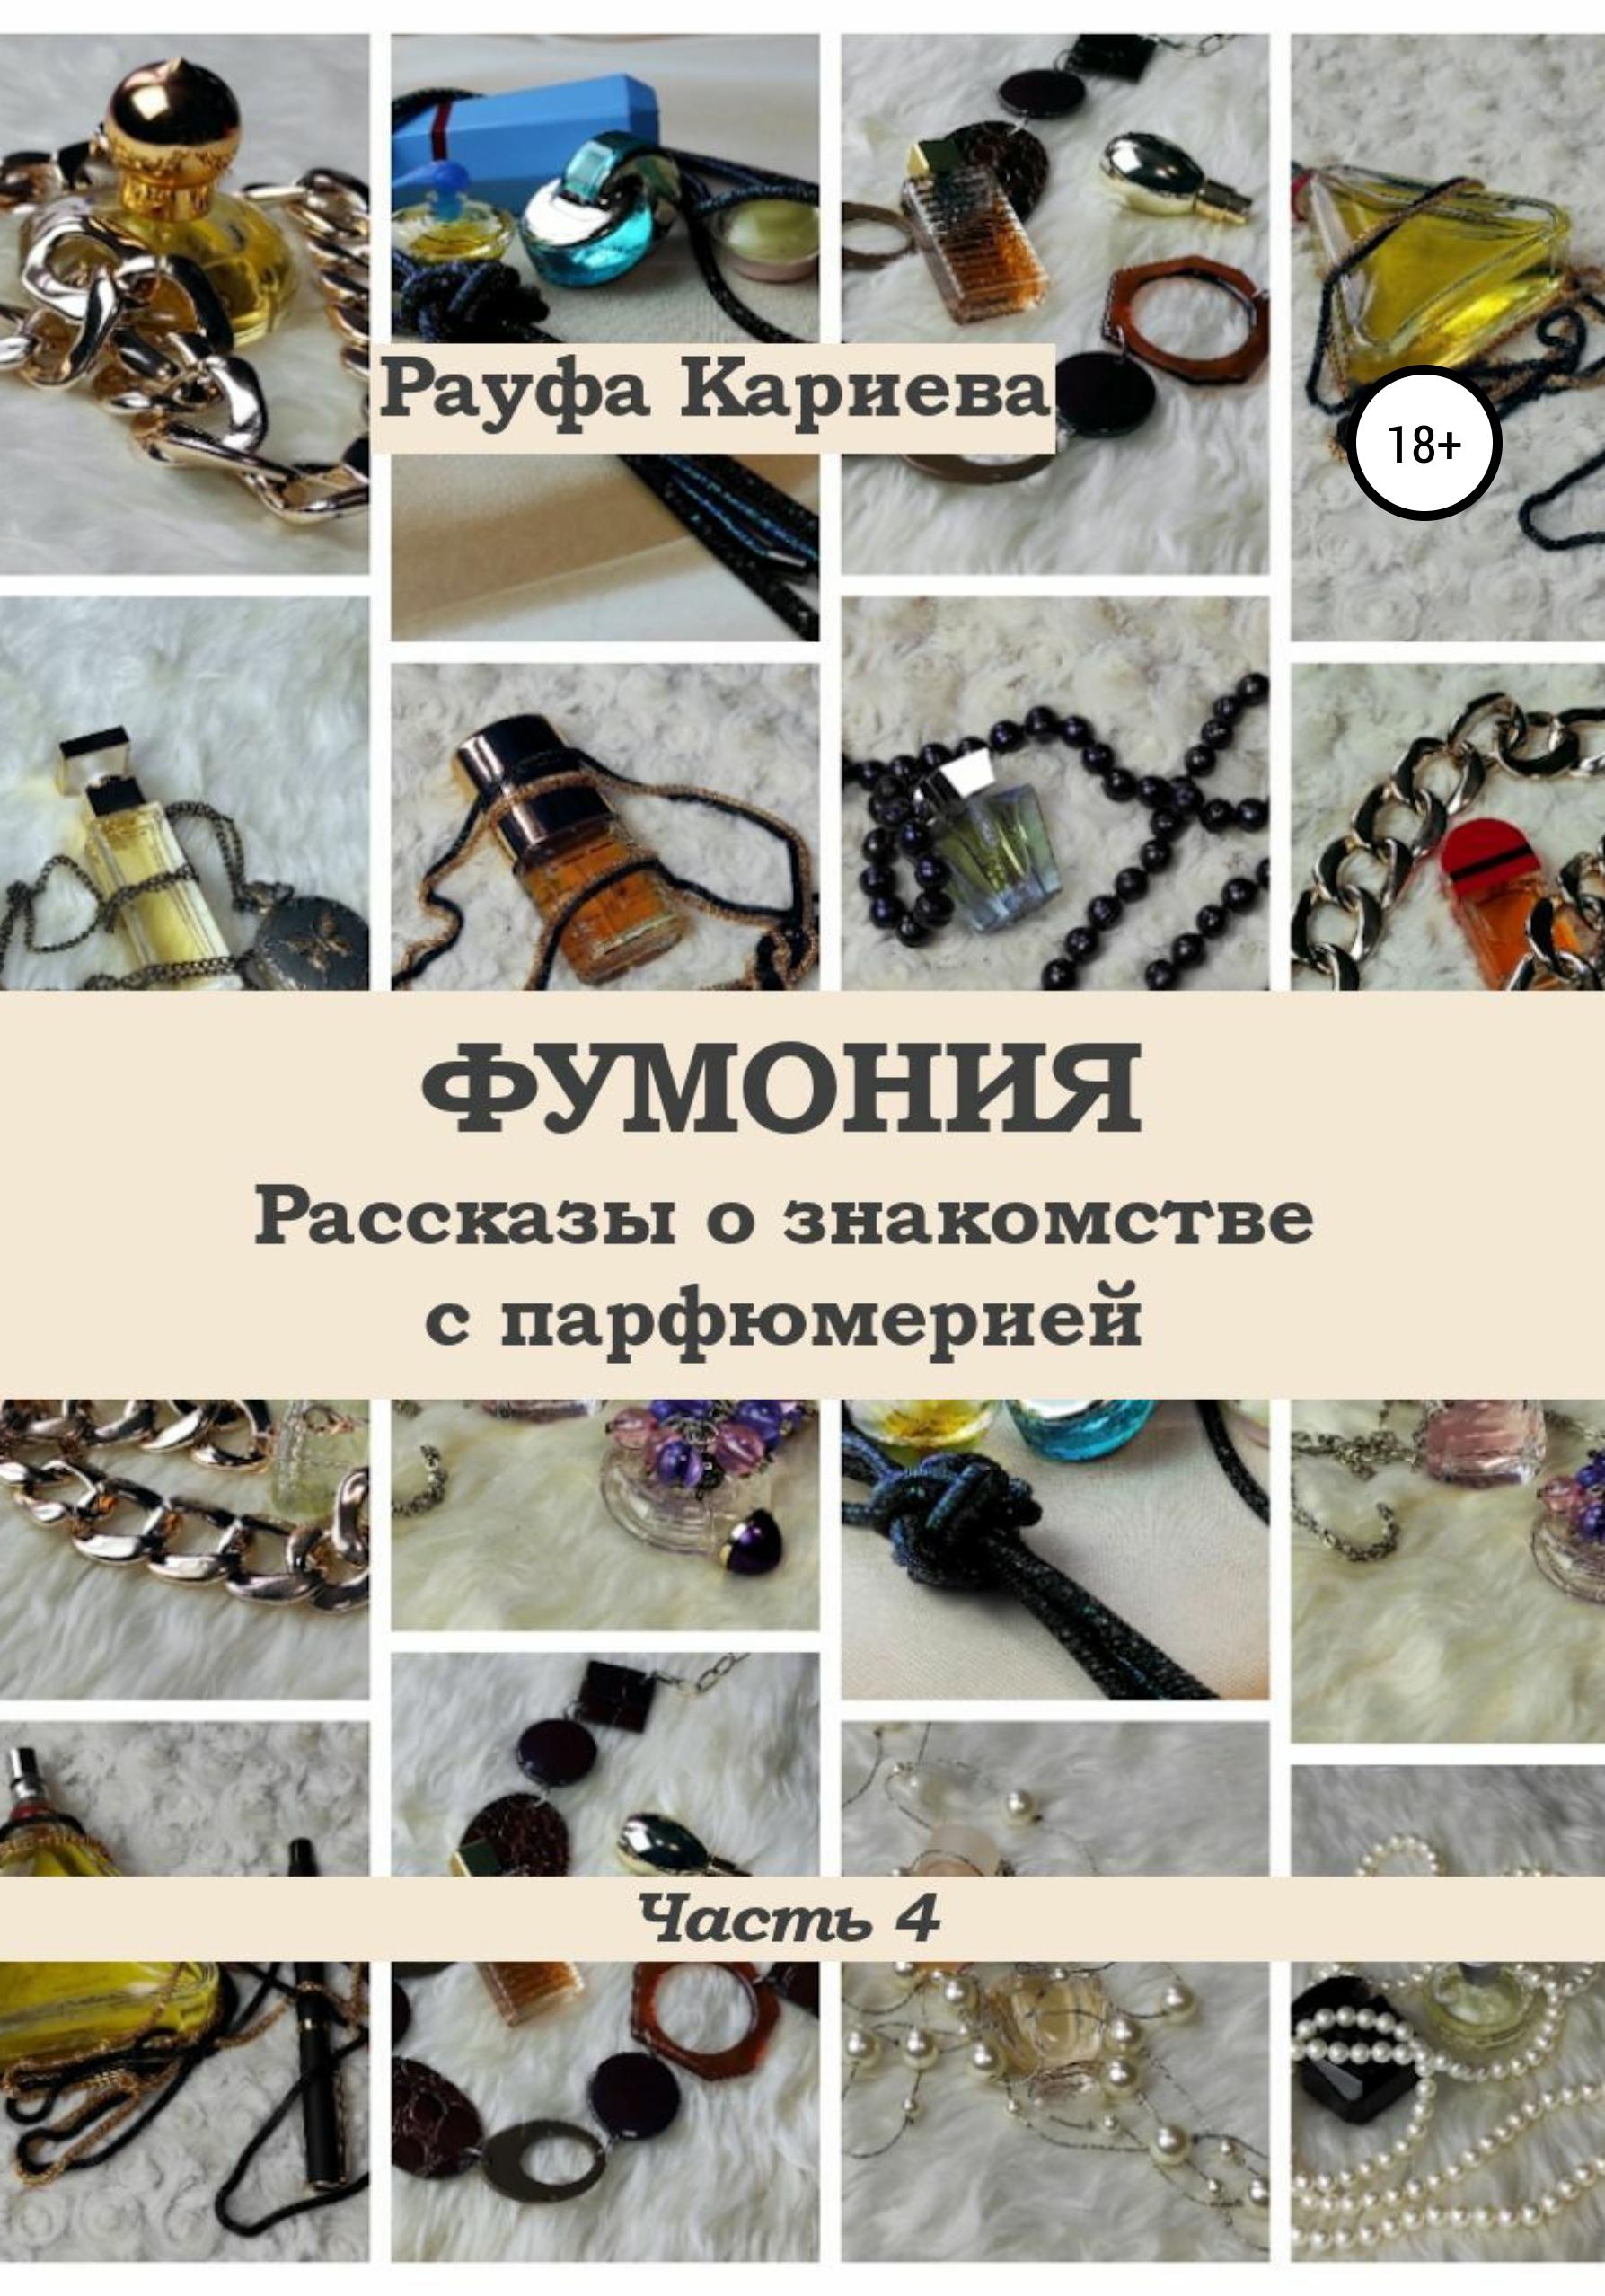 Купить книгу Фумония 4, автора Рауфы Кариевой